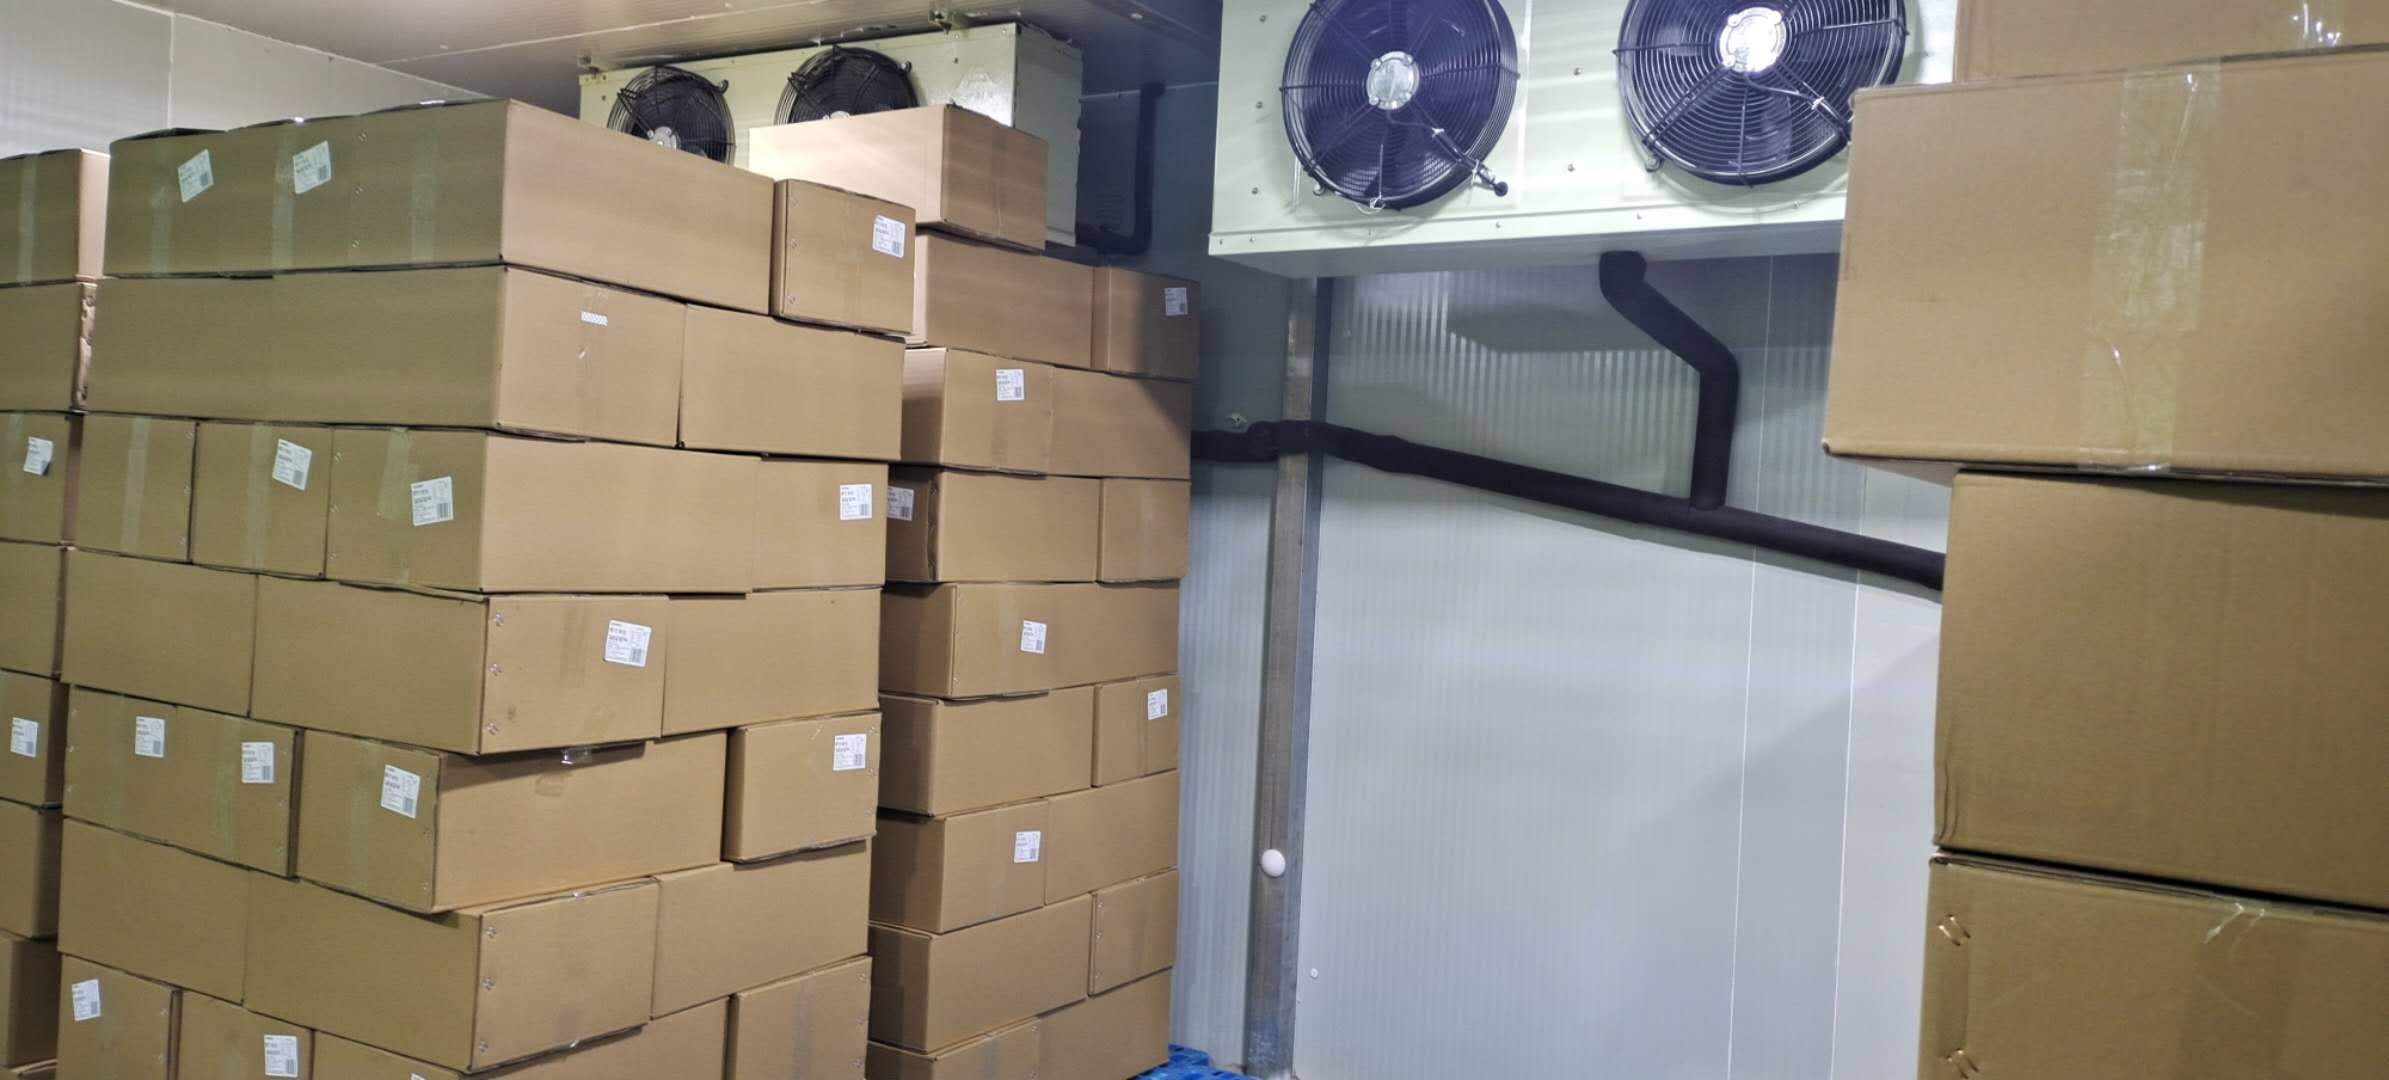 冷库安装的环境要求与安装方式介绍